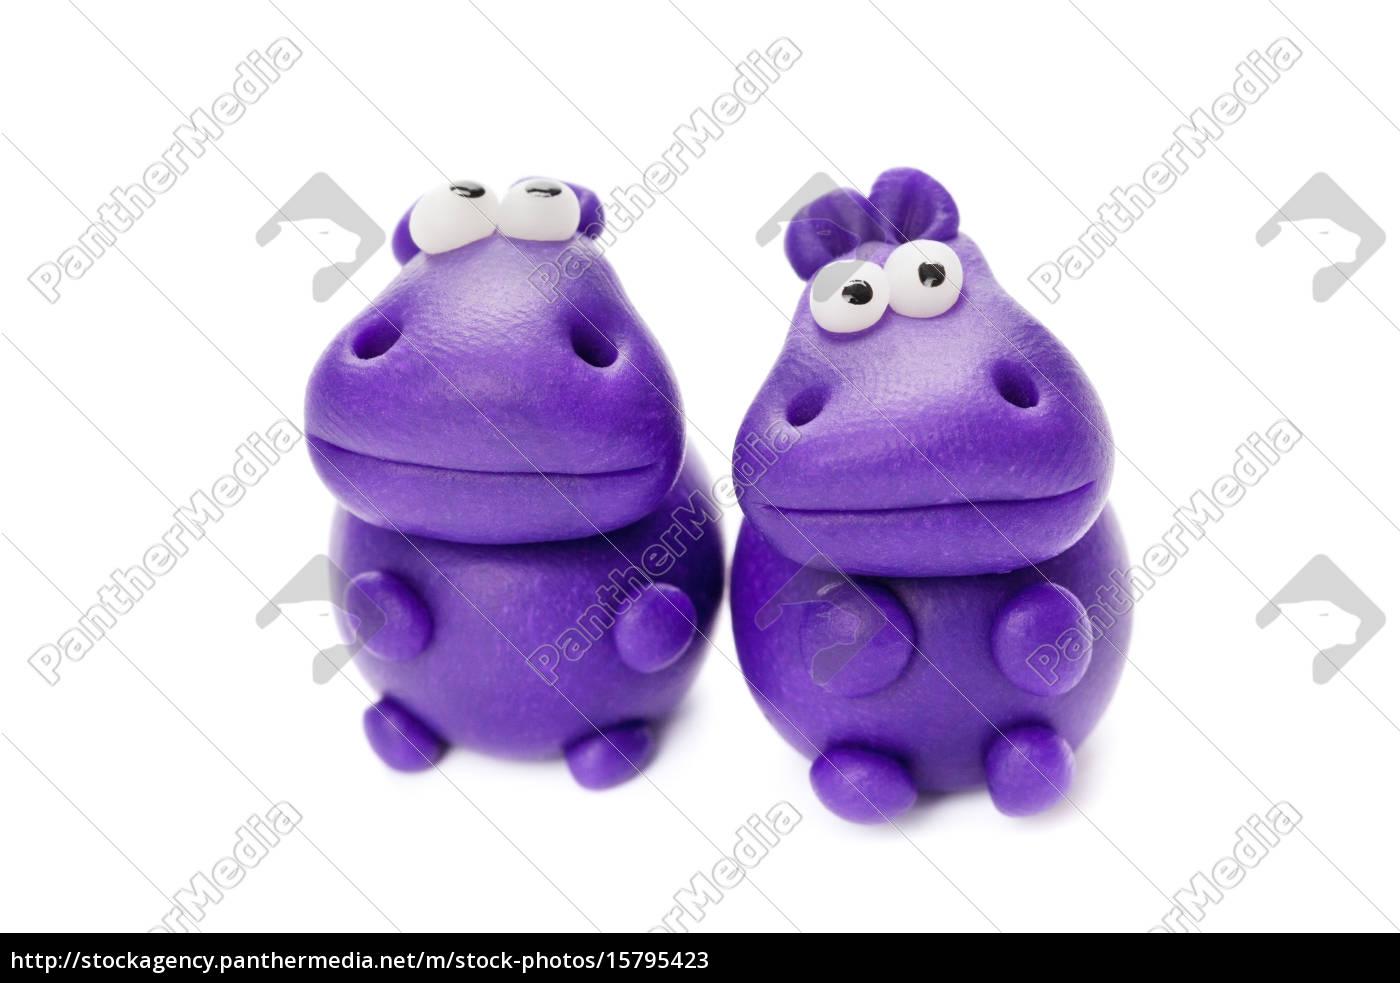 hippopotamus - 15795423